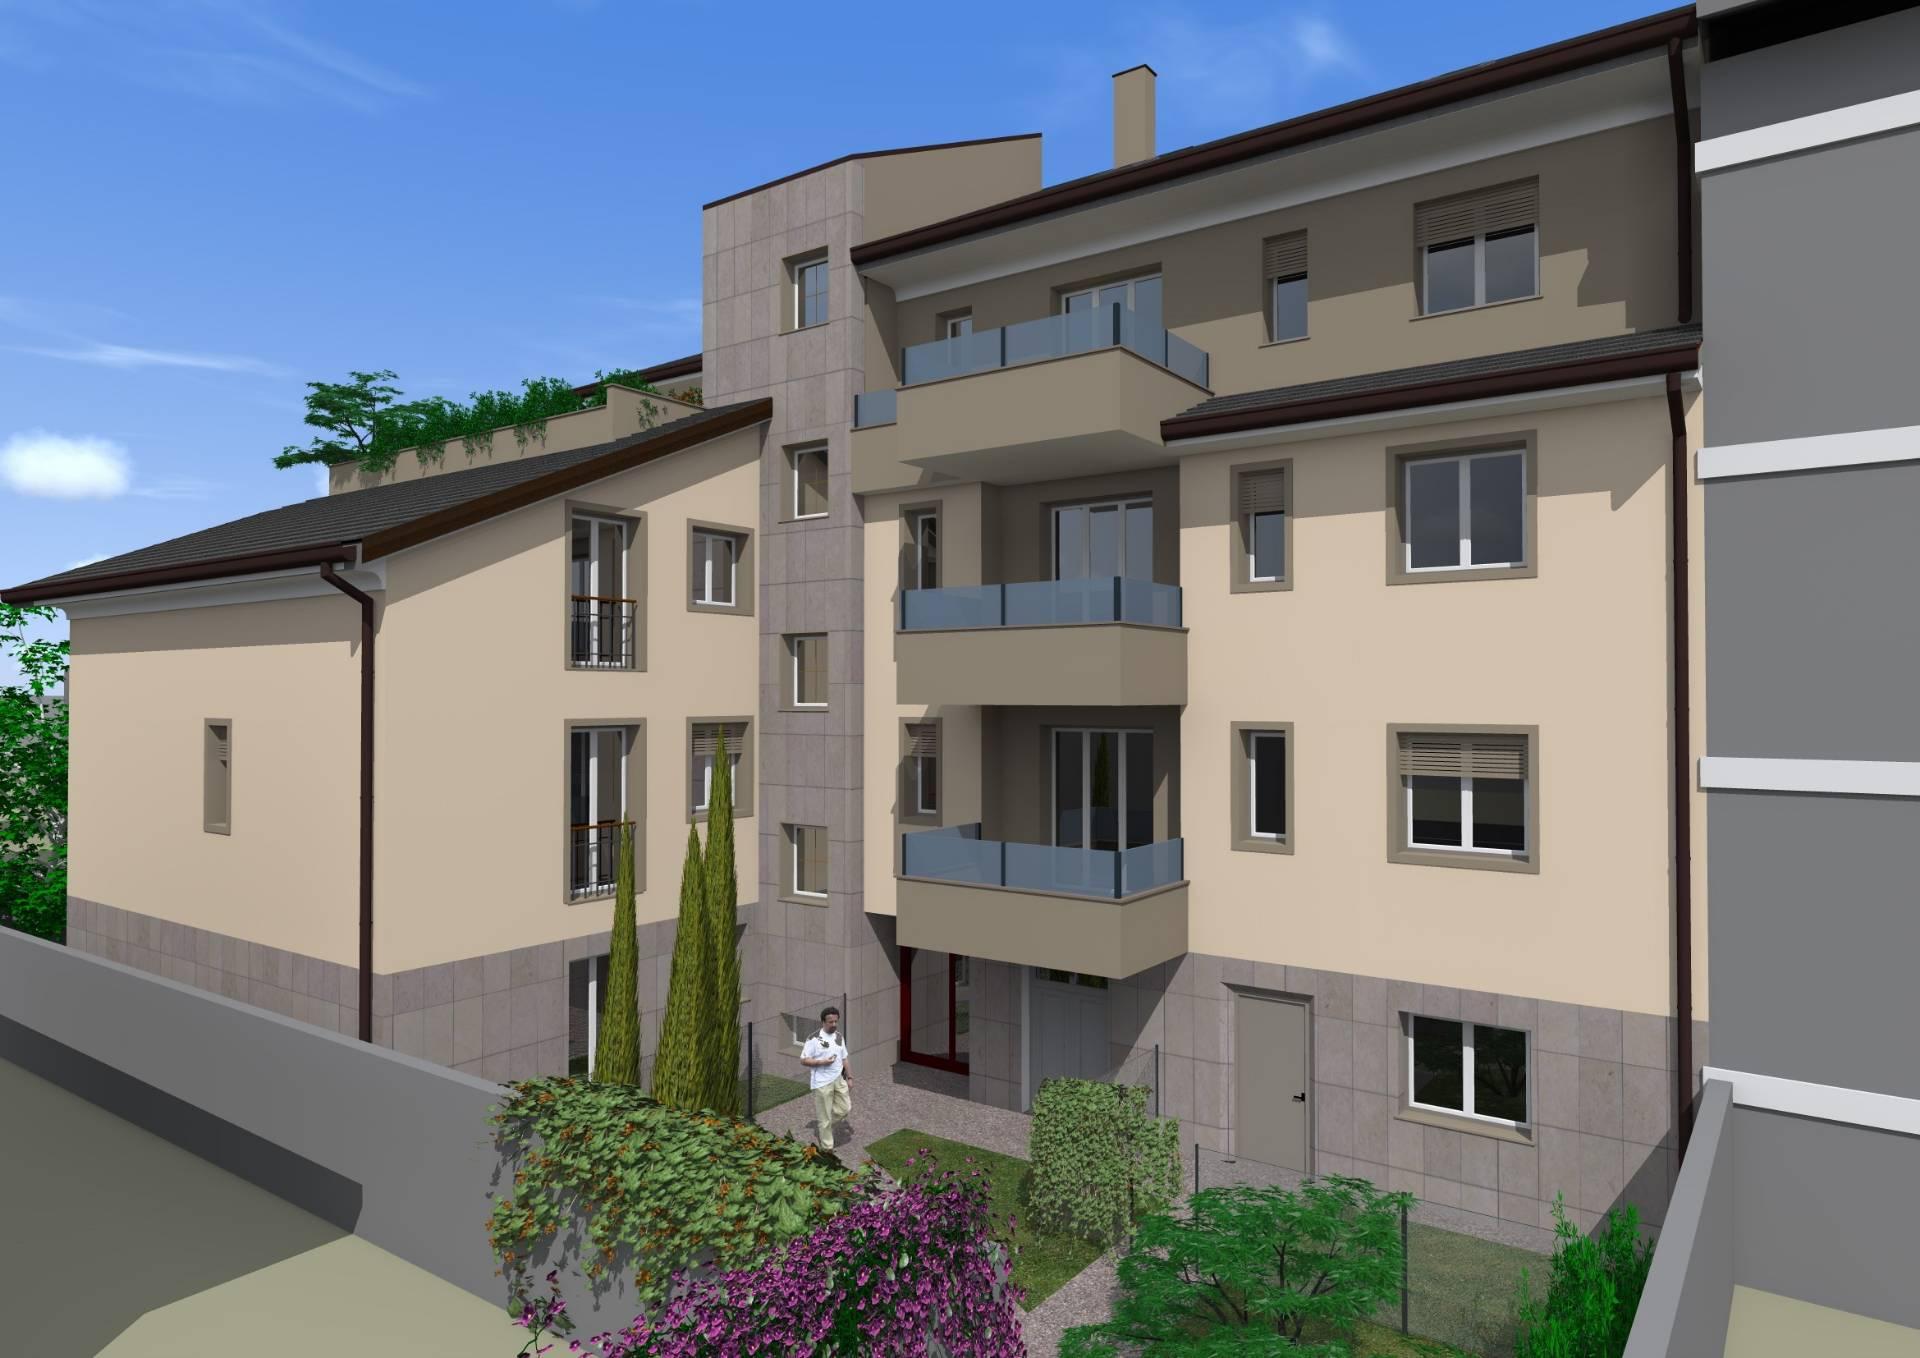 Agenzie Immobiliari Cologno Monzese agenzia immobiliare progetto casa 2002 srl - cologno monzese